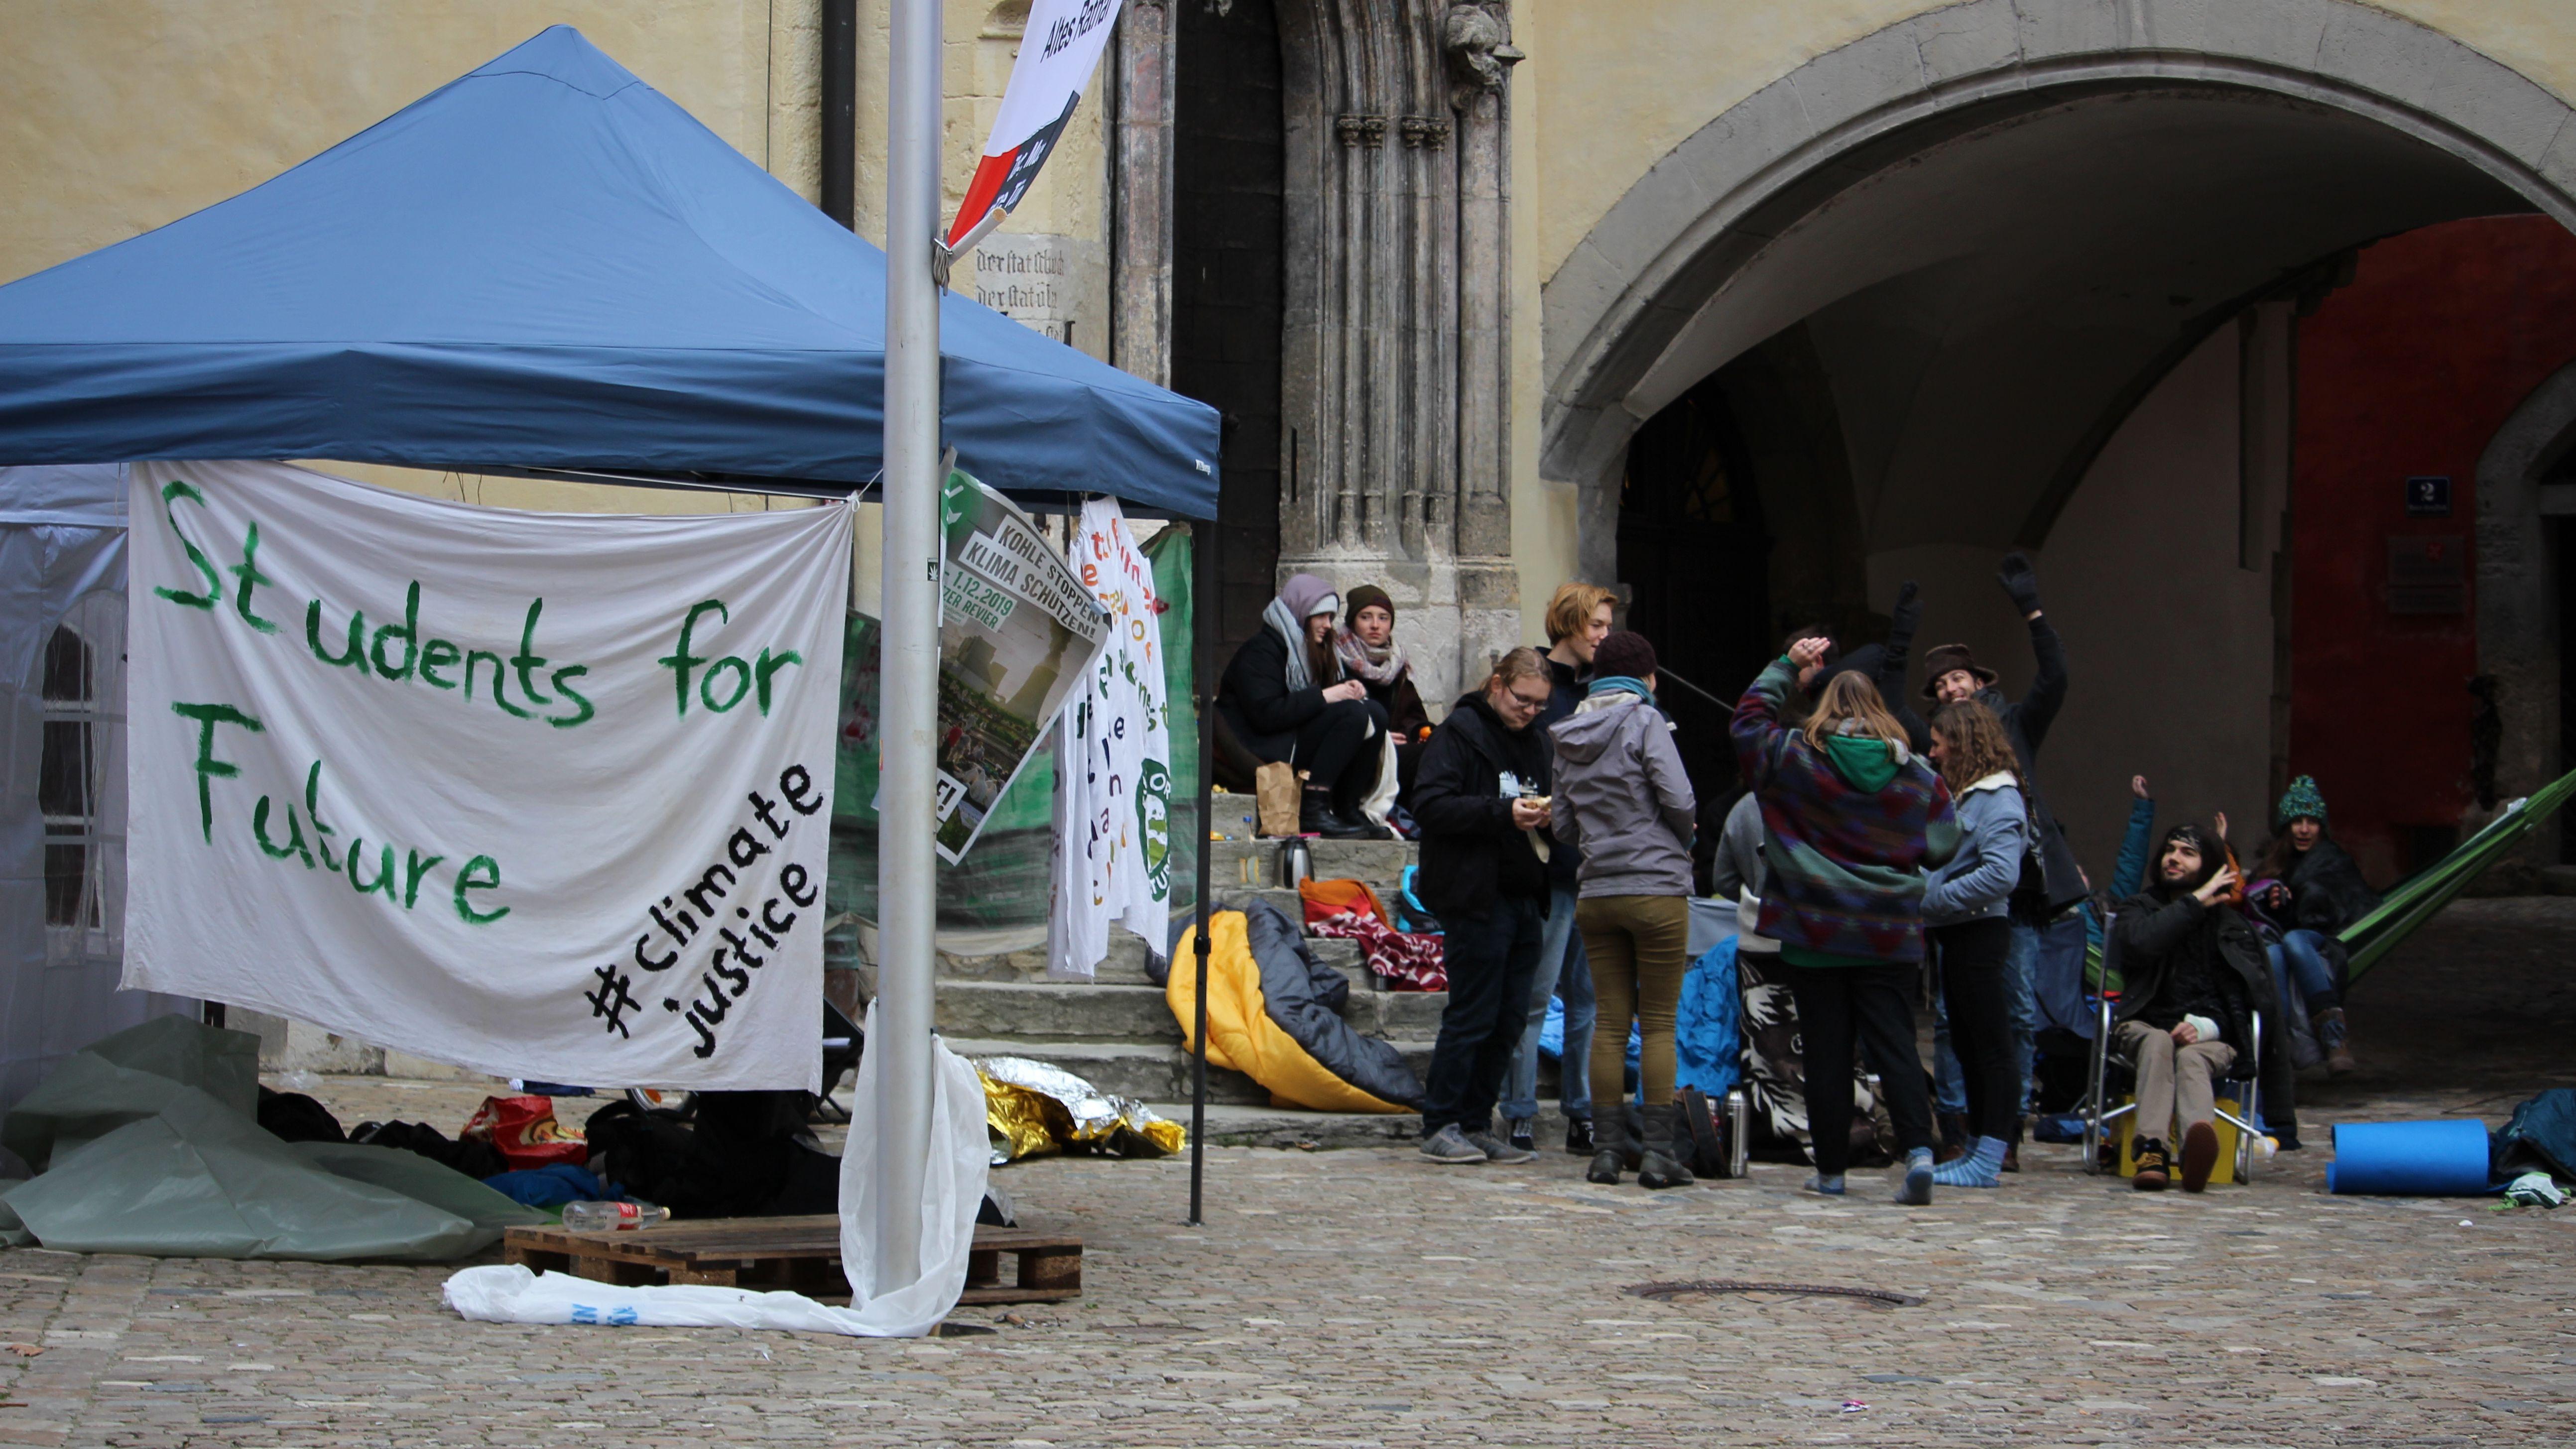 20 Schüler und Studenten haben vor dem Alten Rathaus gezeltet.